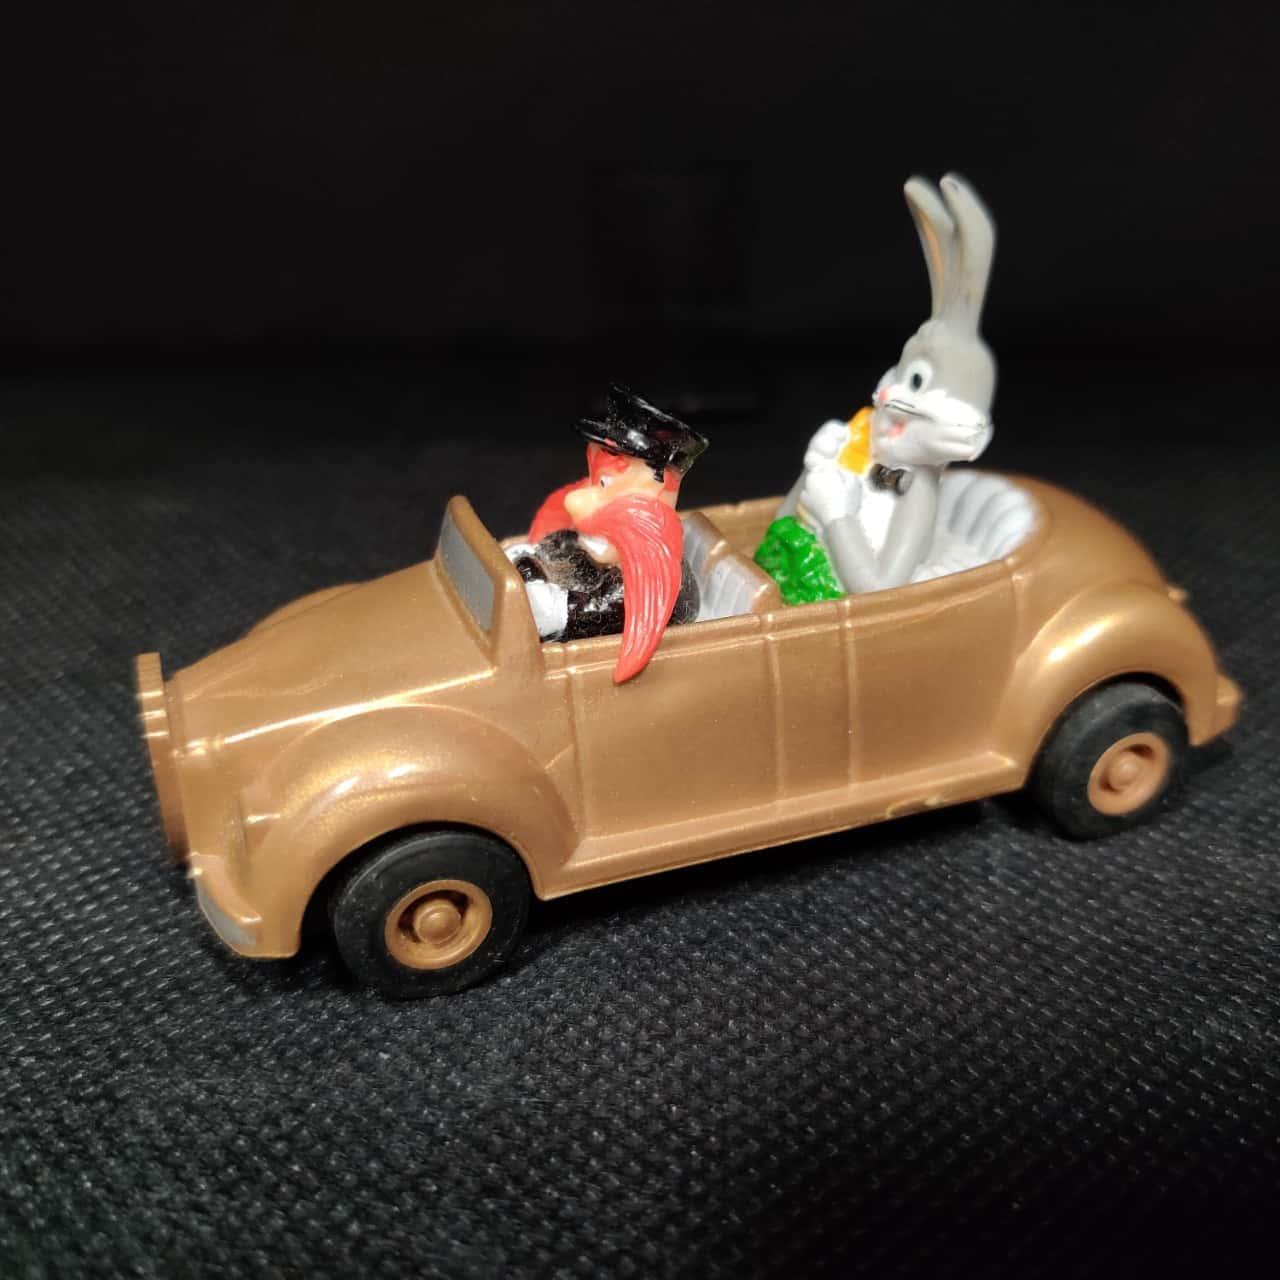 Vintage 1990s Road Runner & Bugs Bunny Toys - Warner Bros